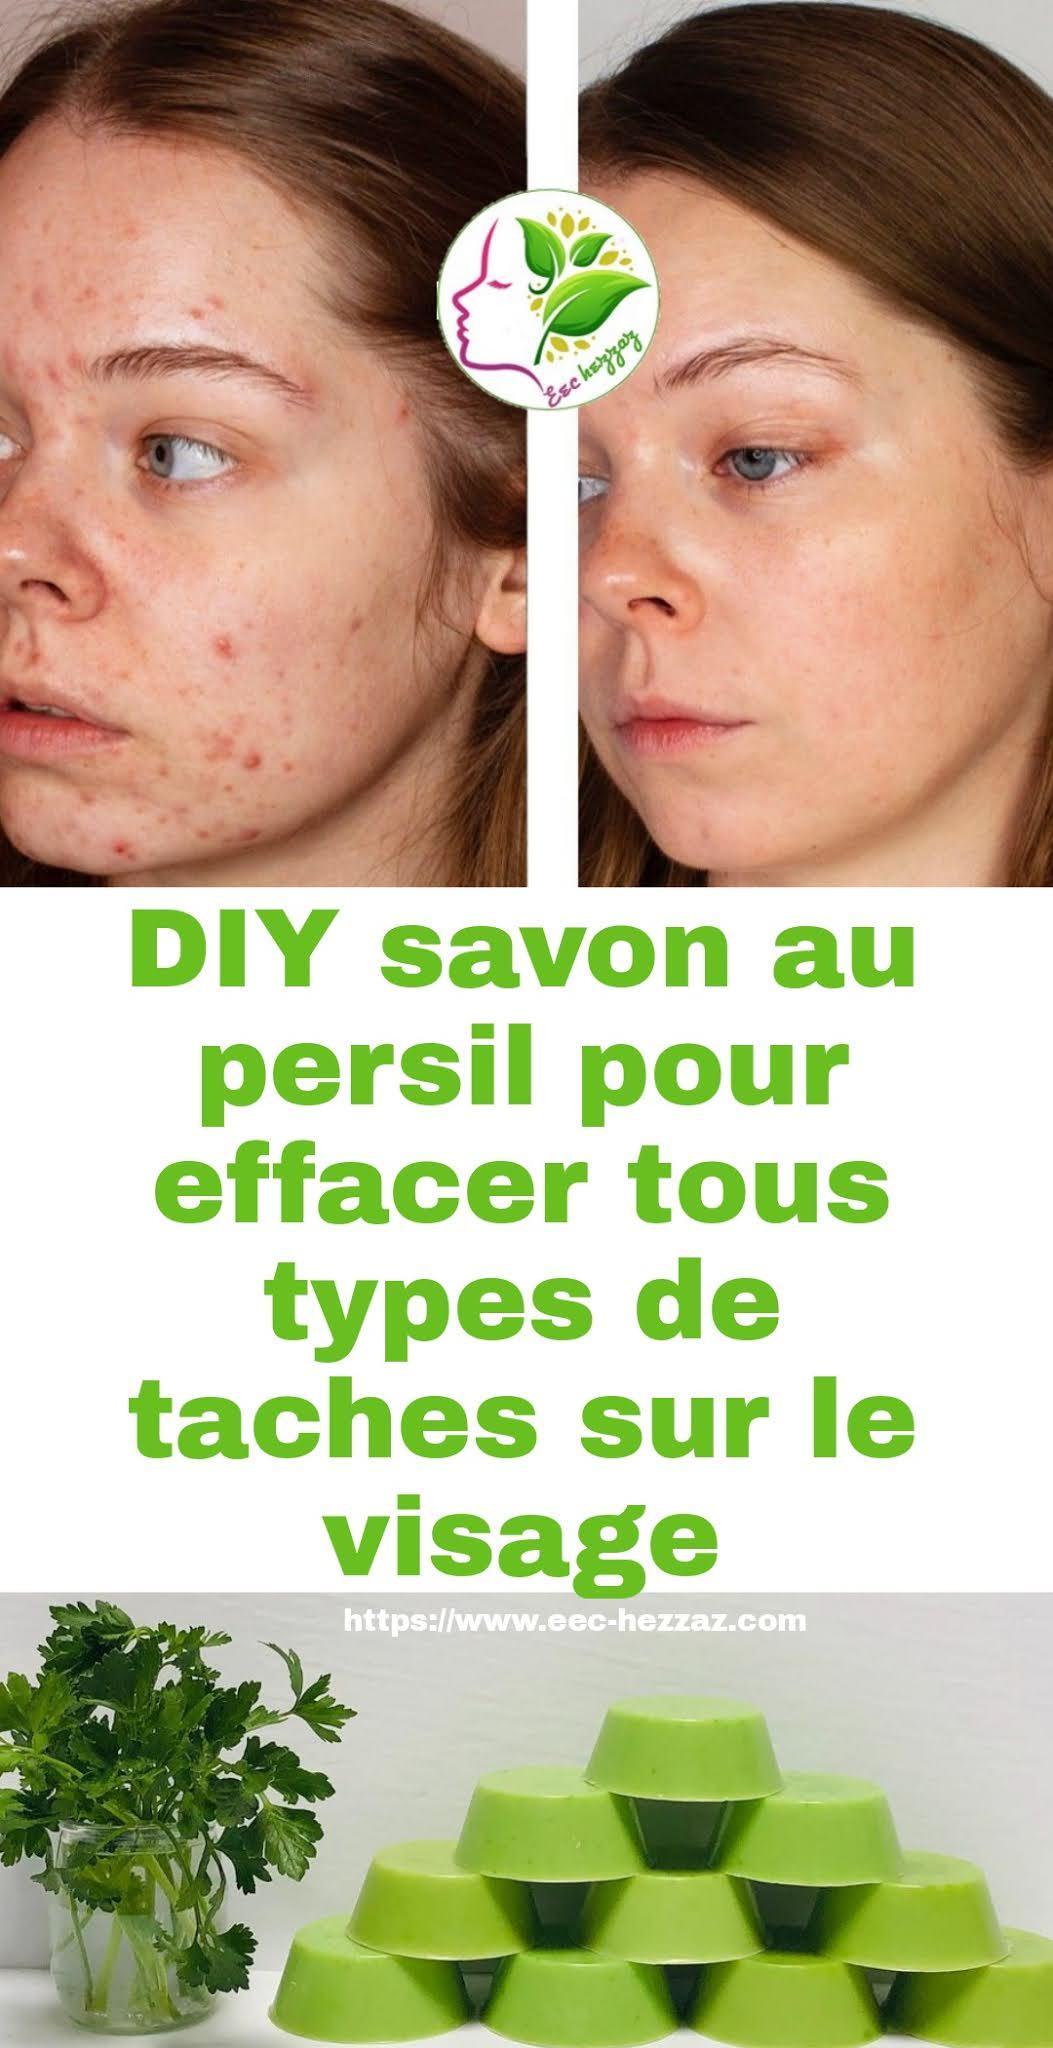 DIY savon au persil pour effacer tous types de taches sur le visage